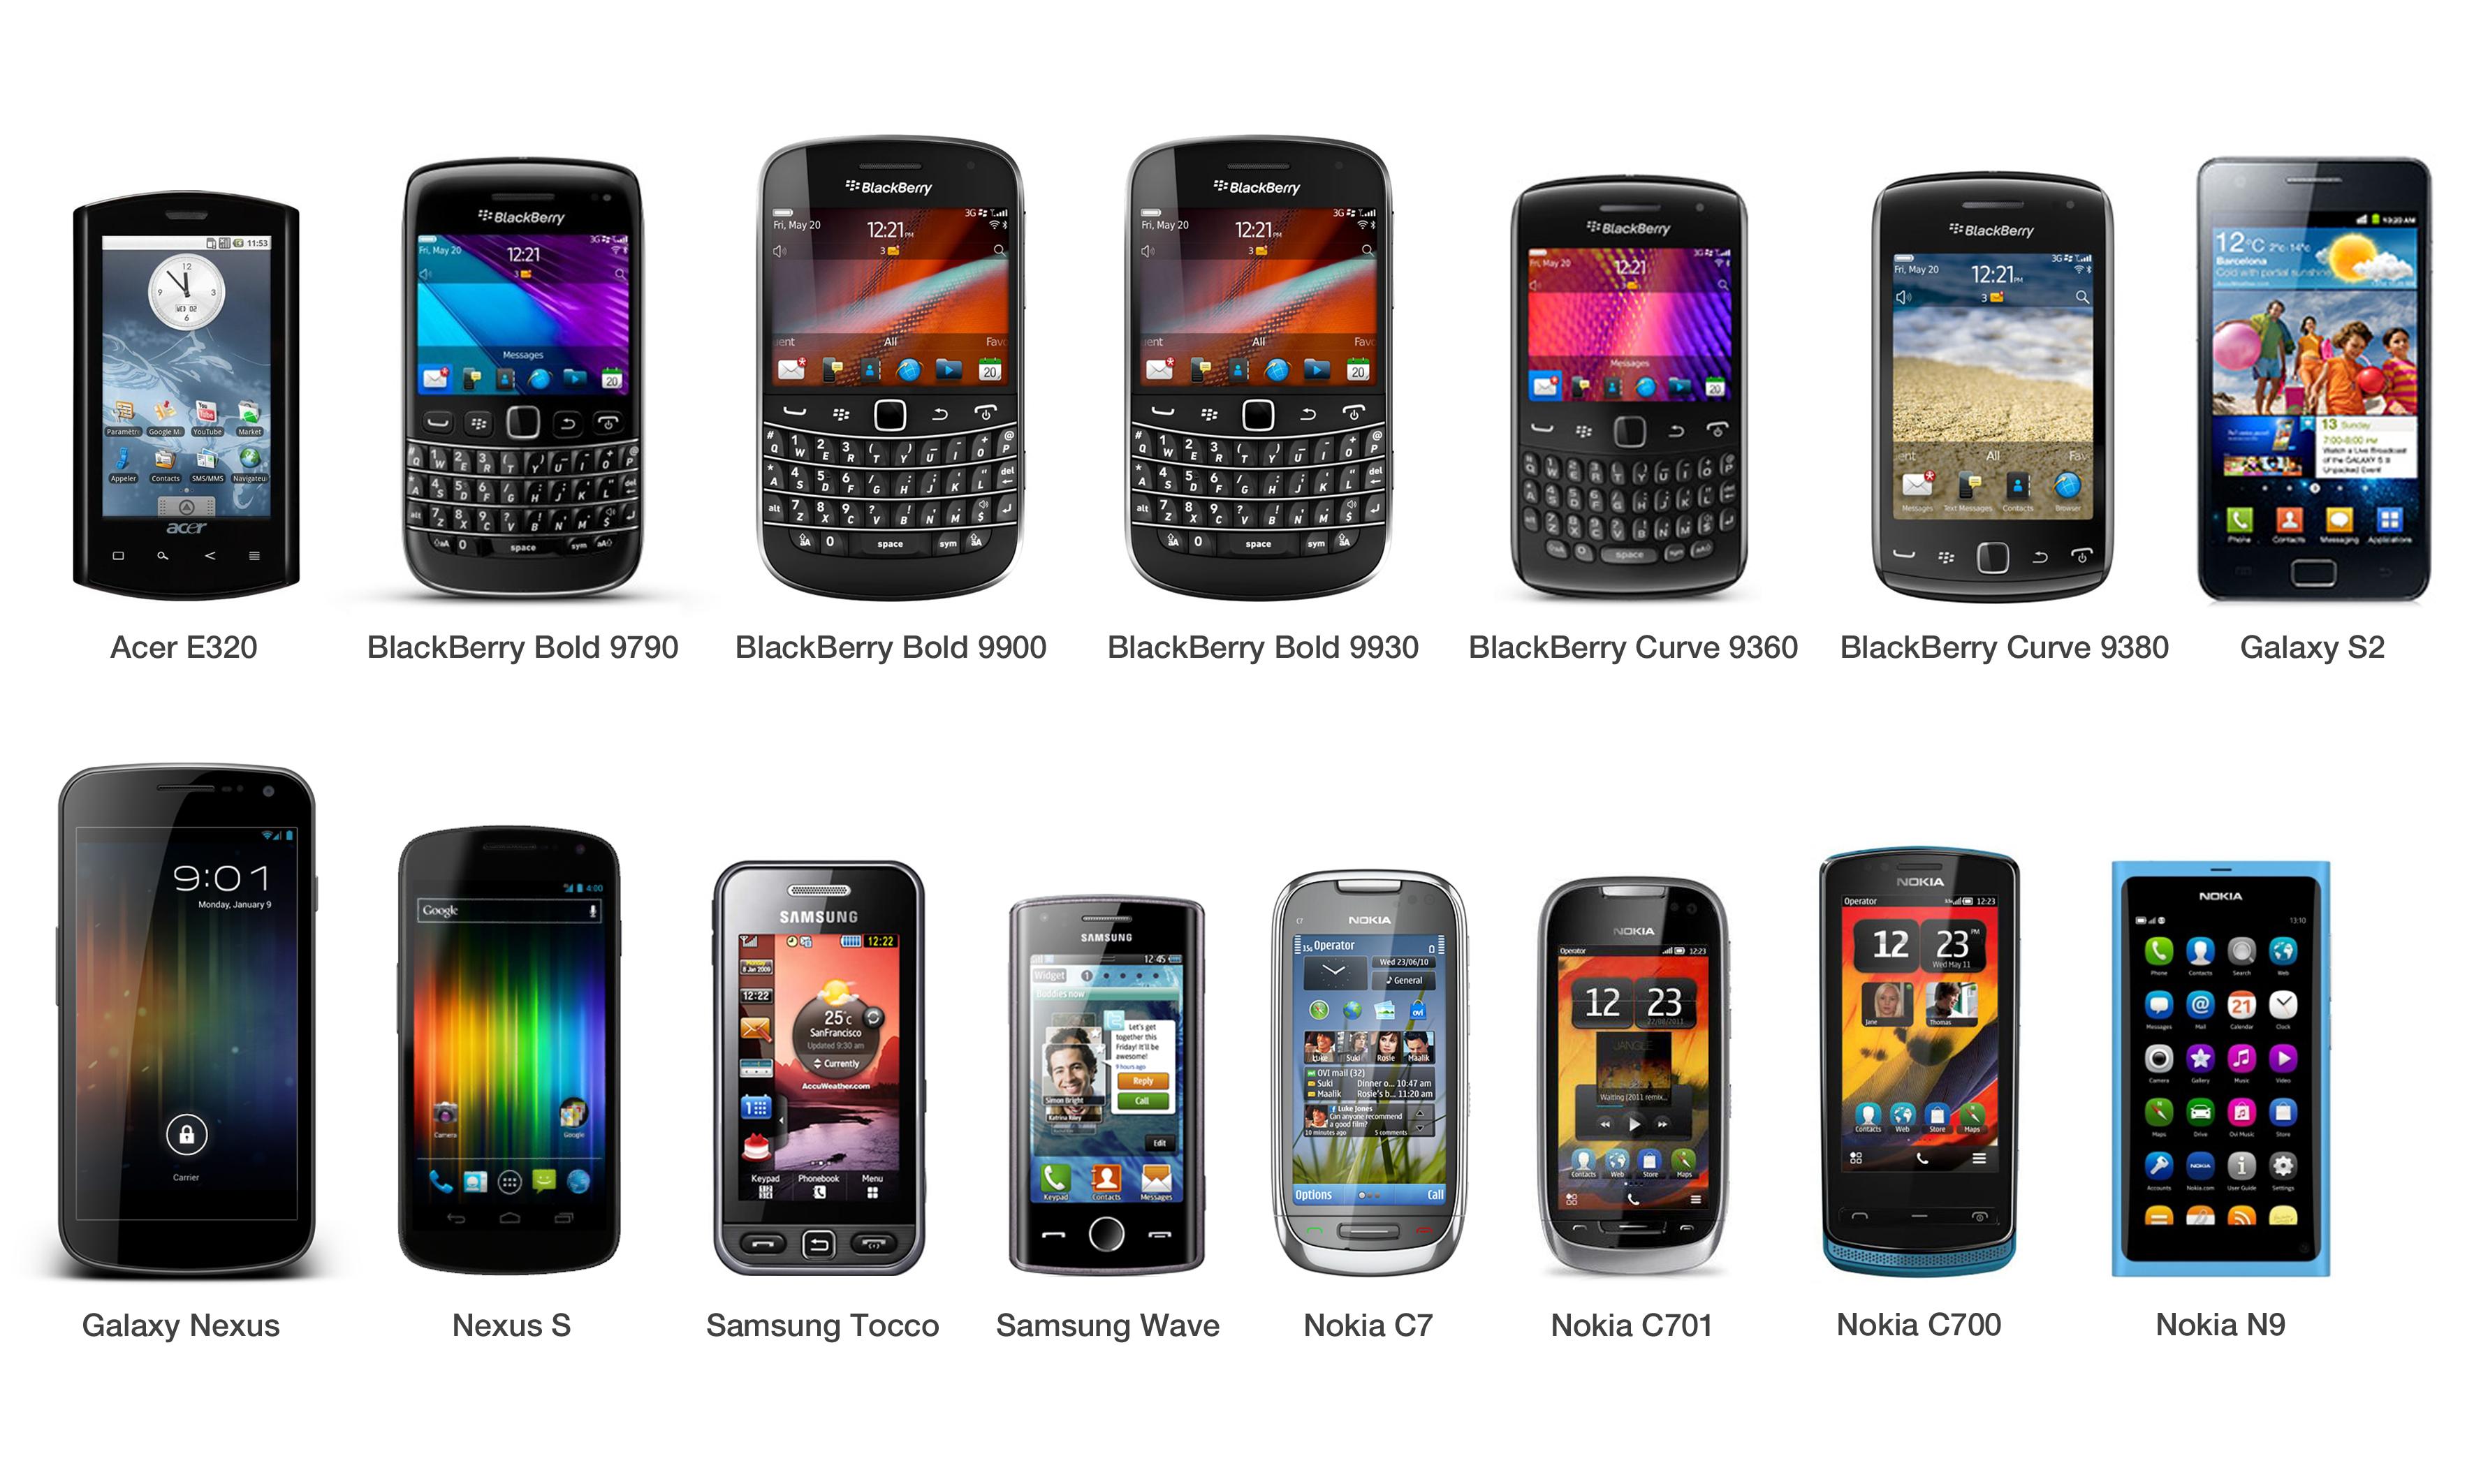 Названия телефонов в картинках